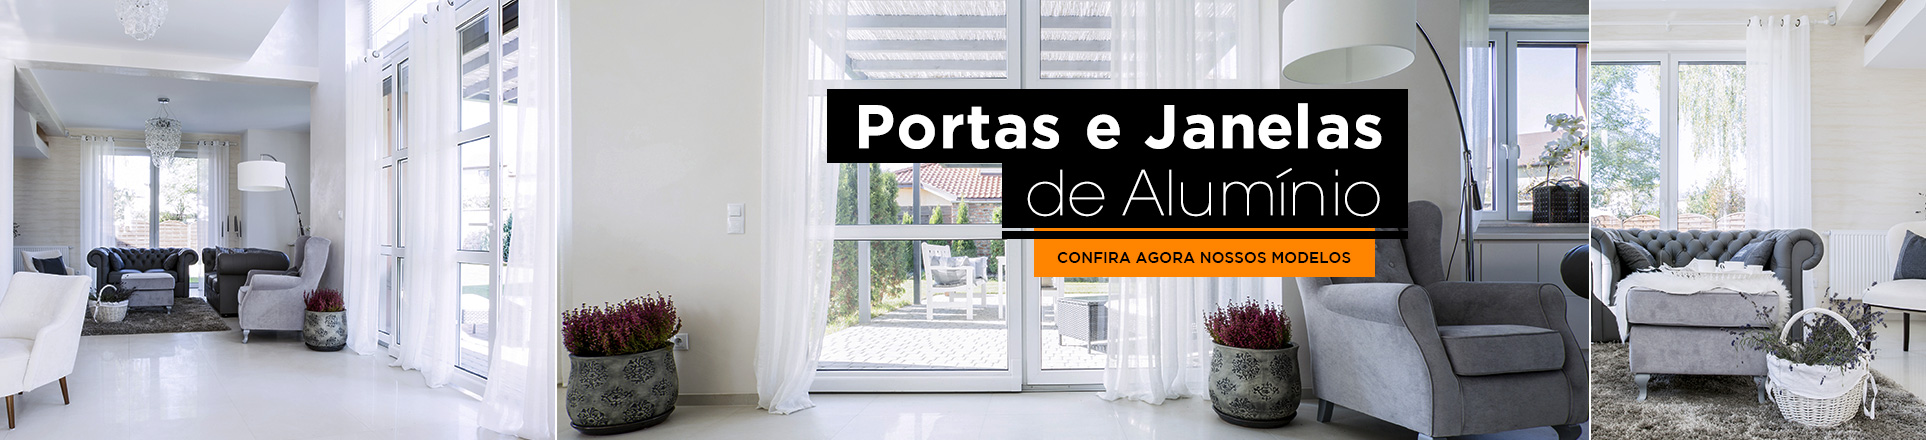 Banner 4 - Volta as Aulas